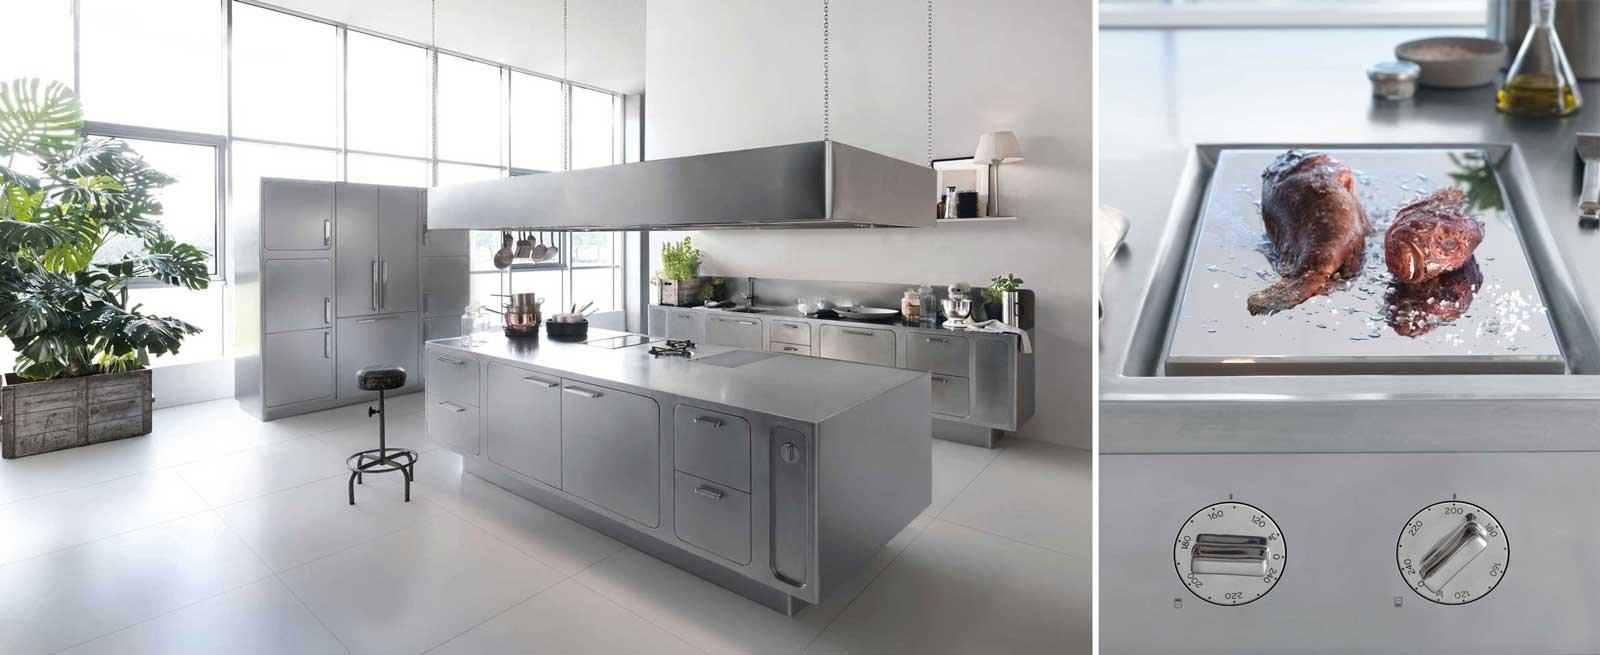 Progettare bene la cucina per aspiranti chef cose di casa - Ventole aspiranti per bagno ...